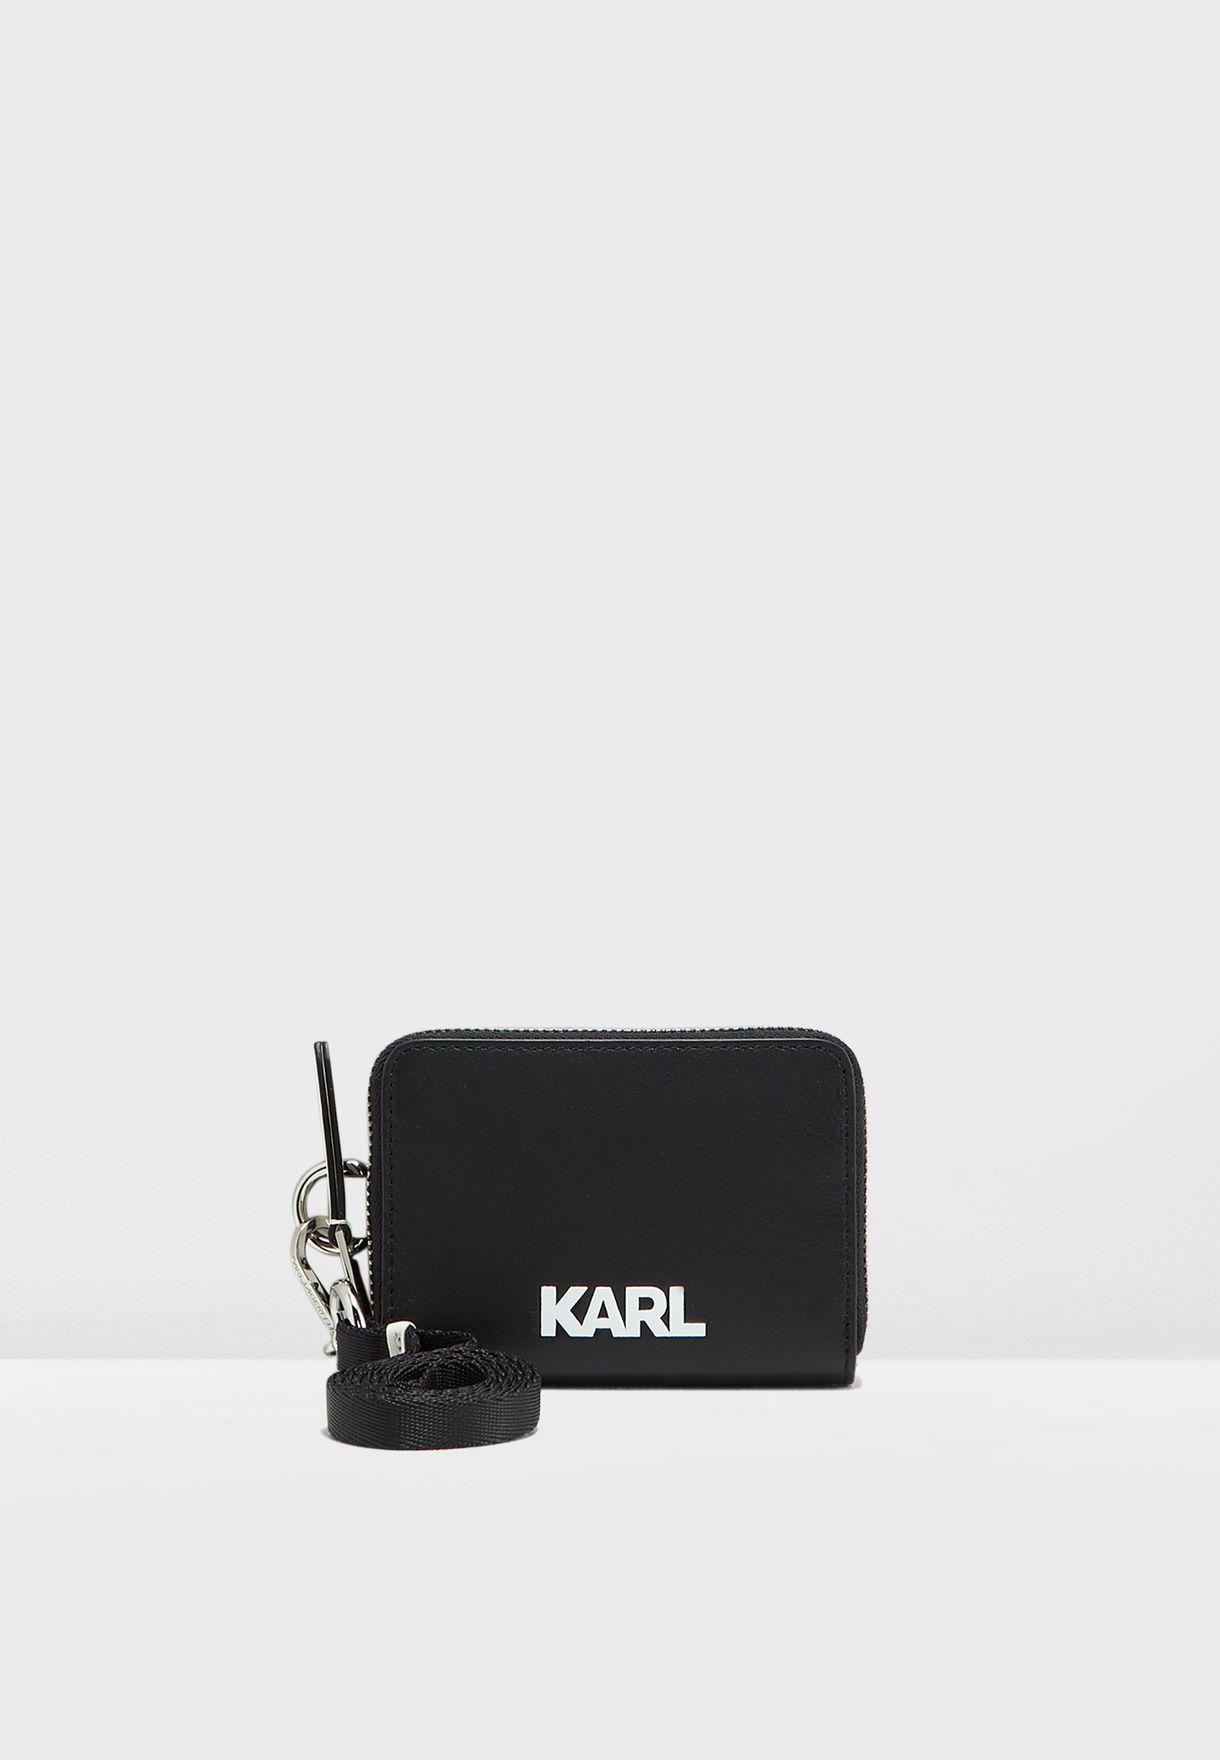 محفظة صغيرة مزينة بشعار الماركة